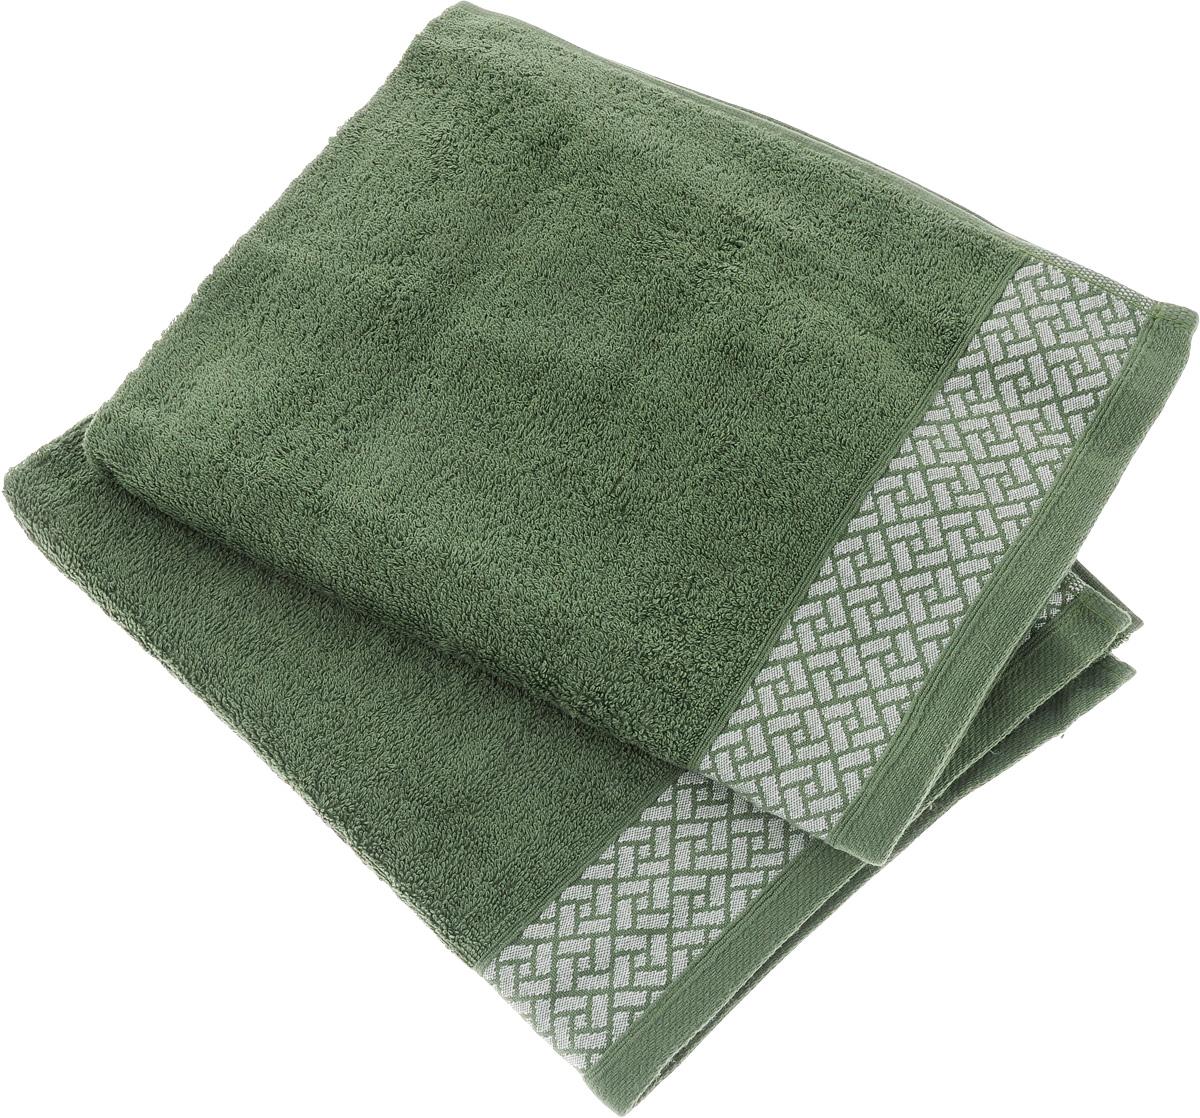 Набор полотенец Tete-a-Tete Лабиринт, цвет: зеленый, 2 шт. УНП-10598299571Набор Tete-a-Tete Лабиринт состоит из двух махровых полотенец, выполненных из натурального 100% хлопка. Изделия мягкие, отлично впитывают влагу, быстро сохнут, сохраняют яркость цвета и не теряют форму даже после многократных стирок.Данный дизайн был разработан, как мужская линейка, - строгие насыщенные цвета и геометрический рисунок на бордюре.Набор полотенец Tete-a-Tete Лабиринт станет прекрасным дополнением в дизайне ванной комнаты.